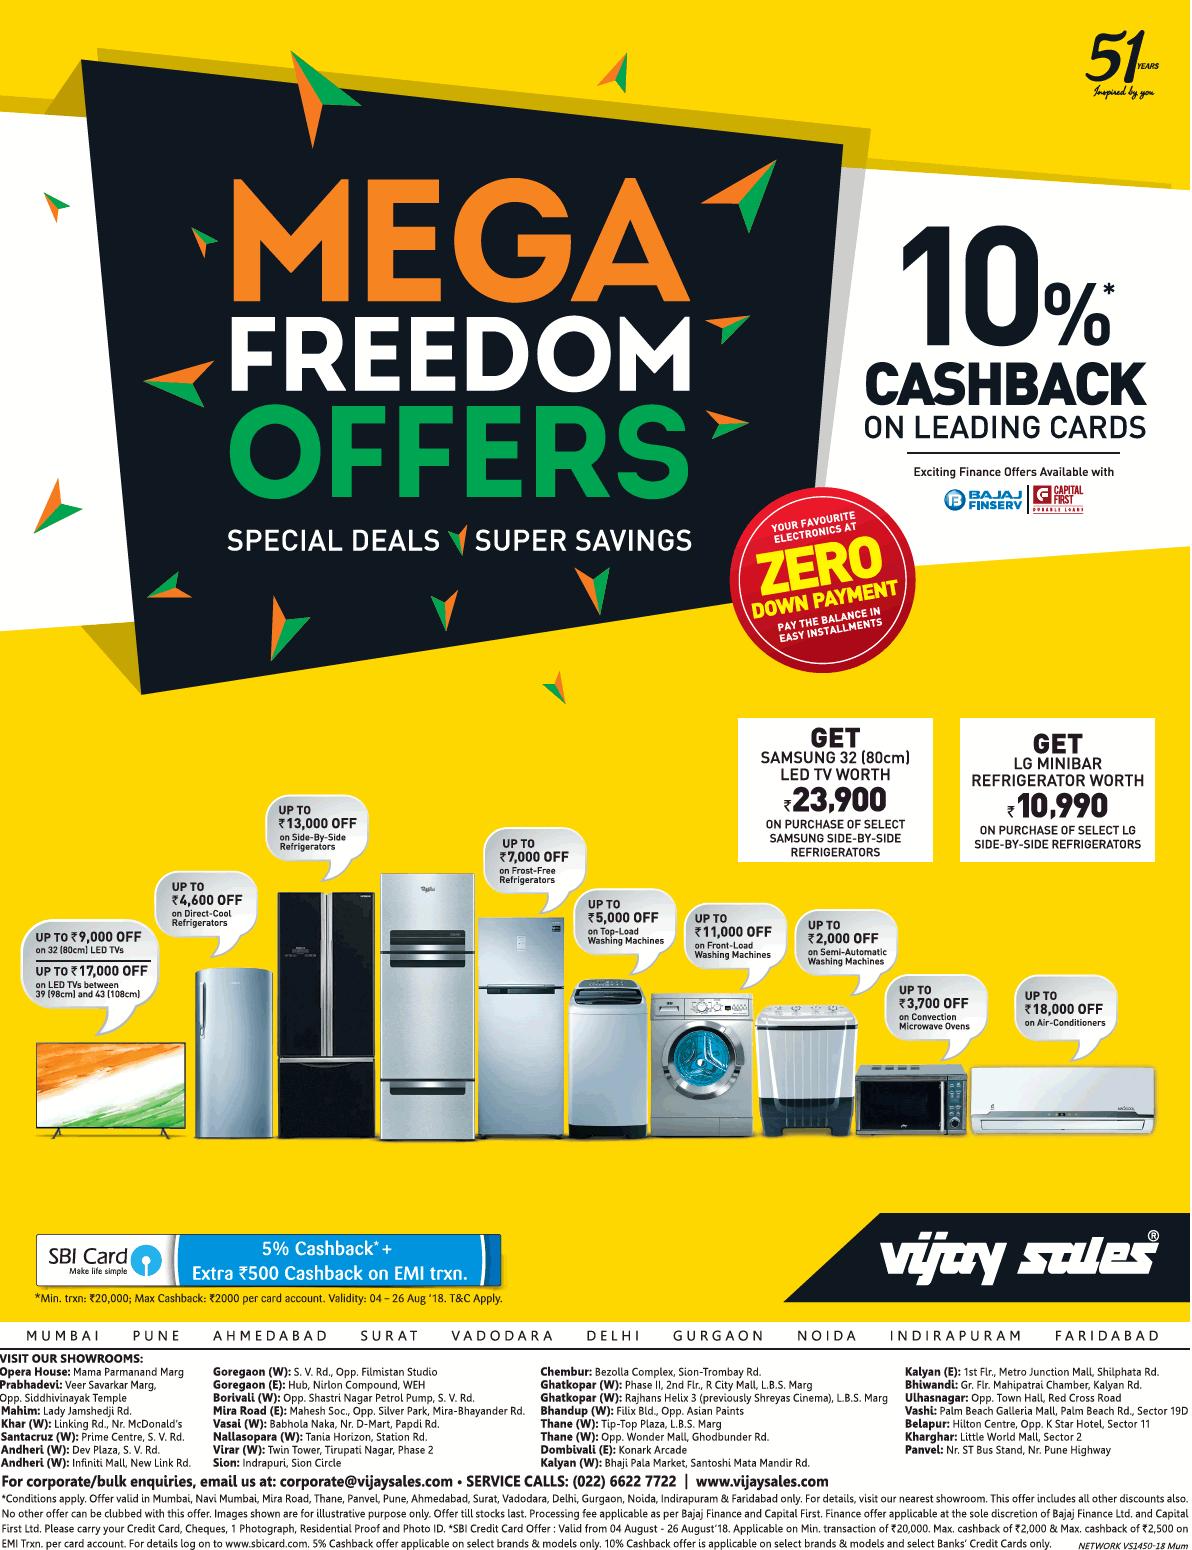 3ac98fed859 Vijay Sales Mega Freedom Offers Ad - Advert Gallery